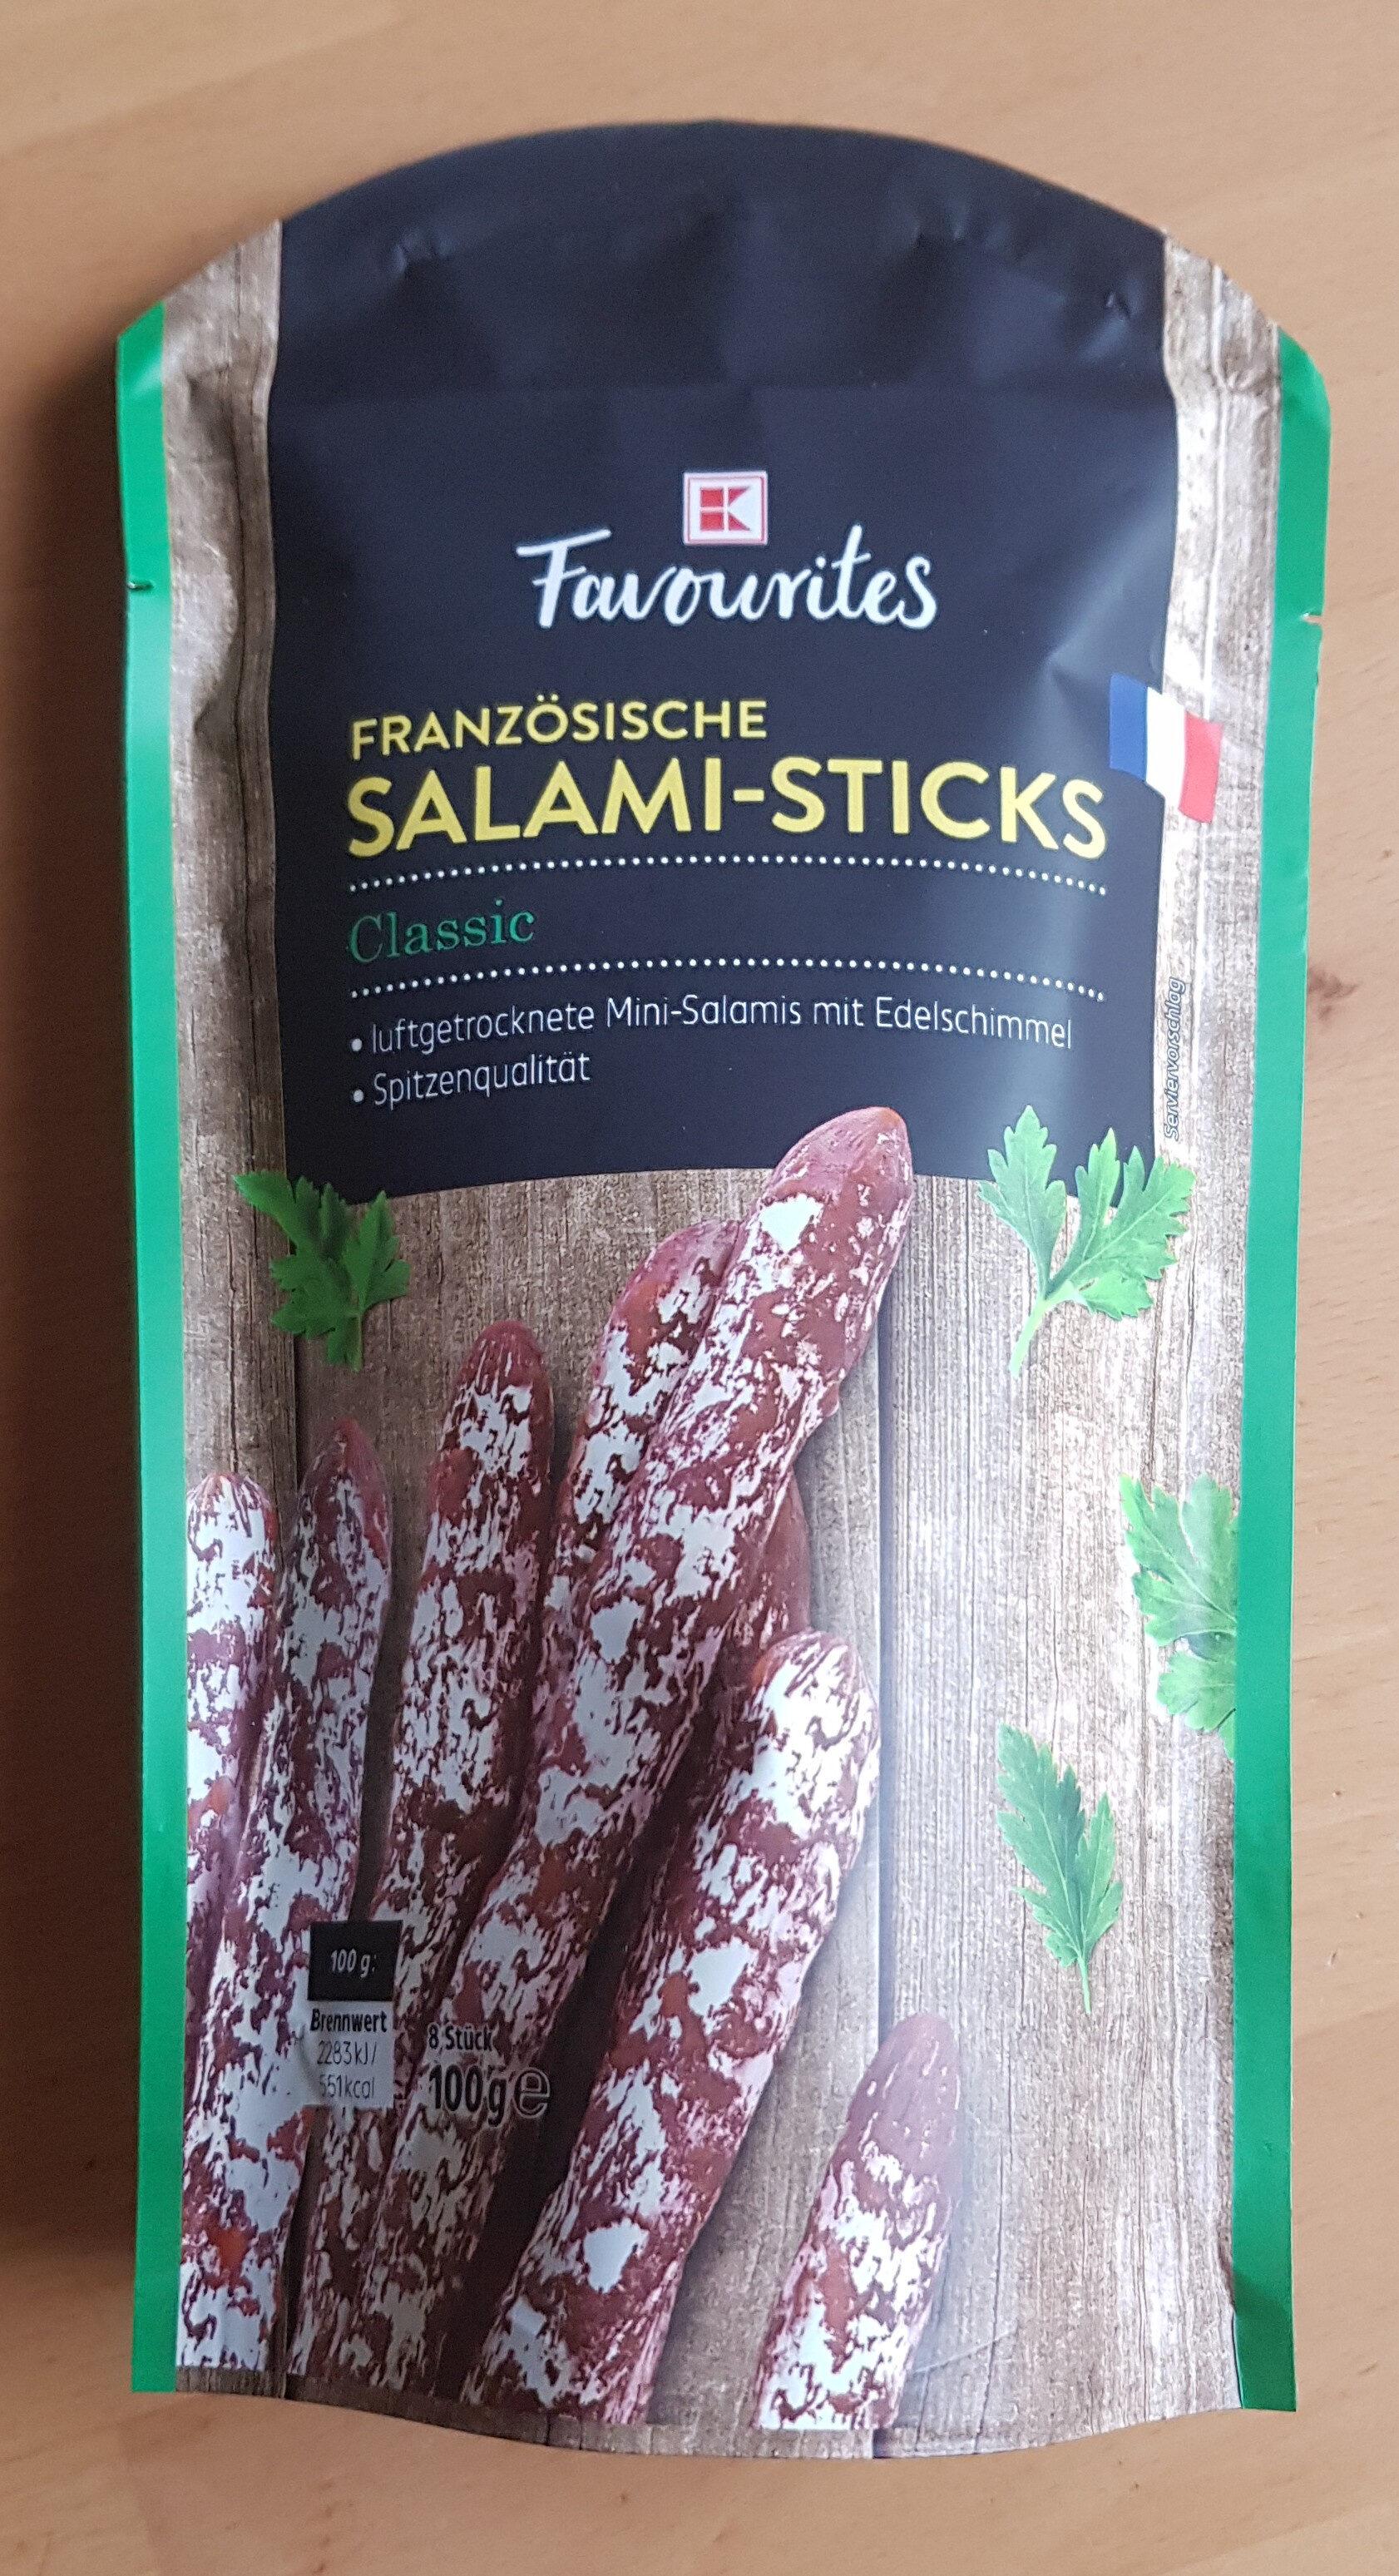 Französische Salami-Sticks - Product - de